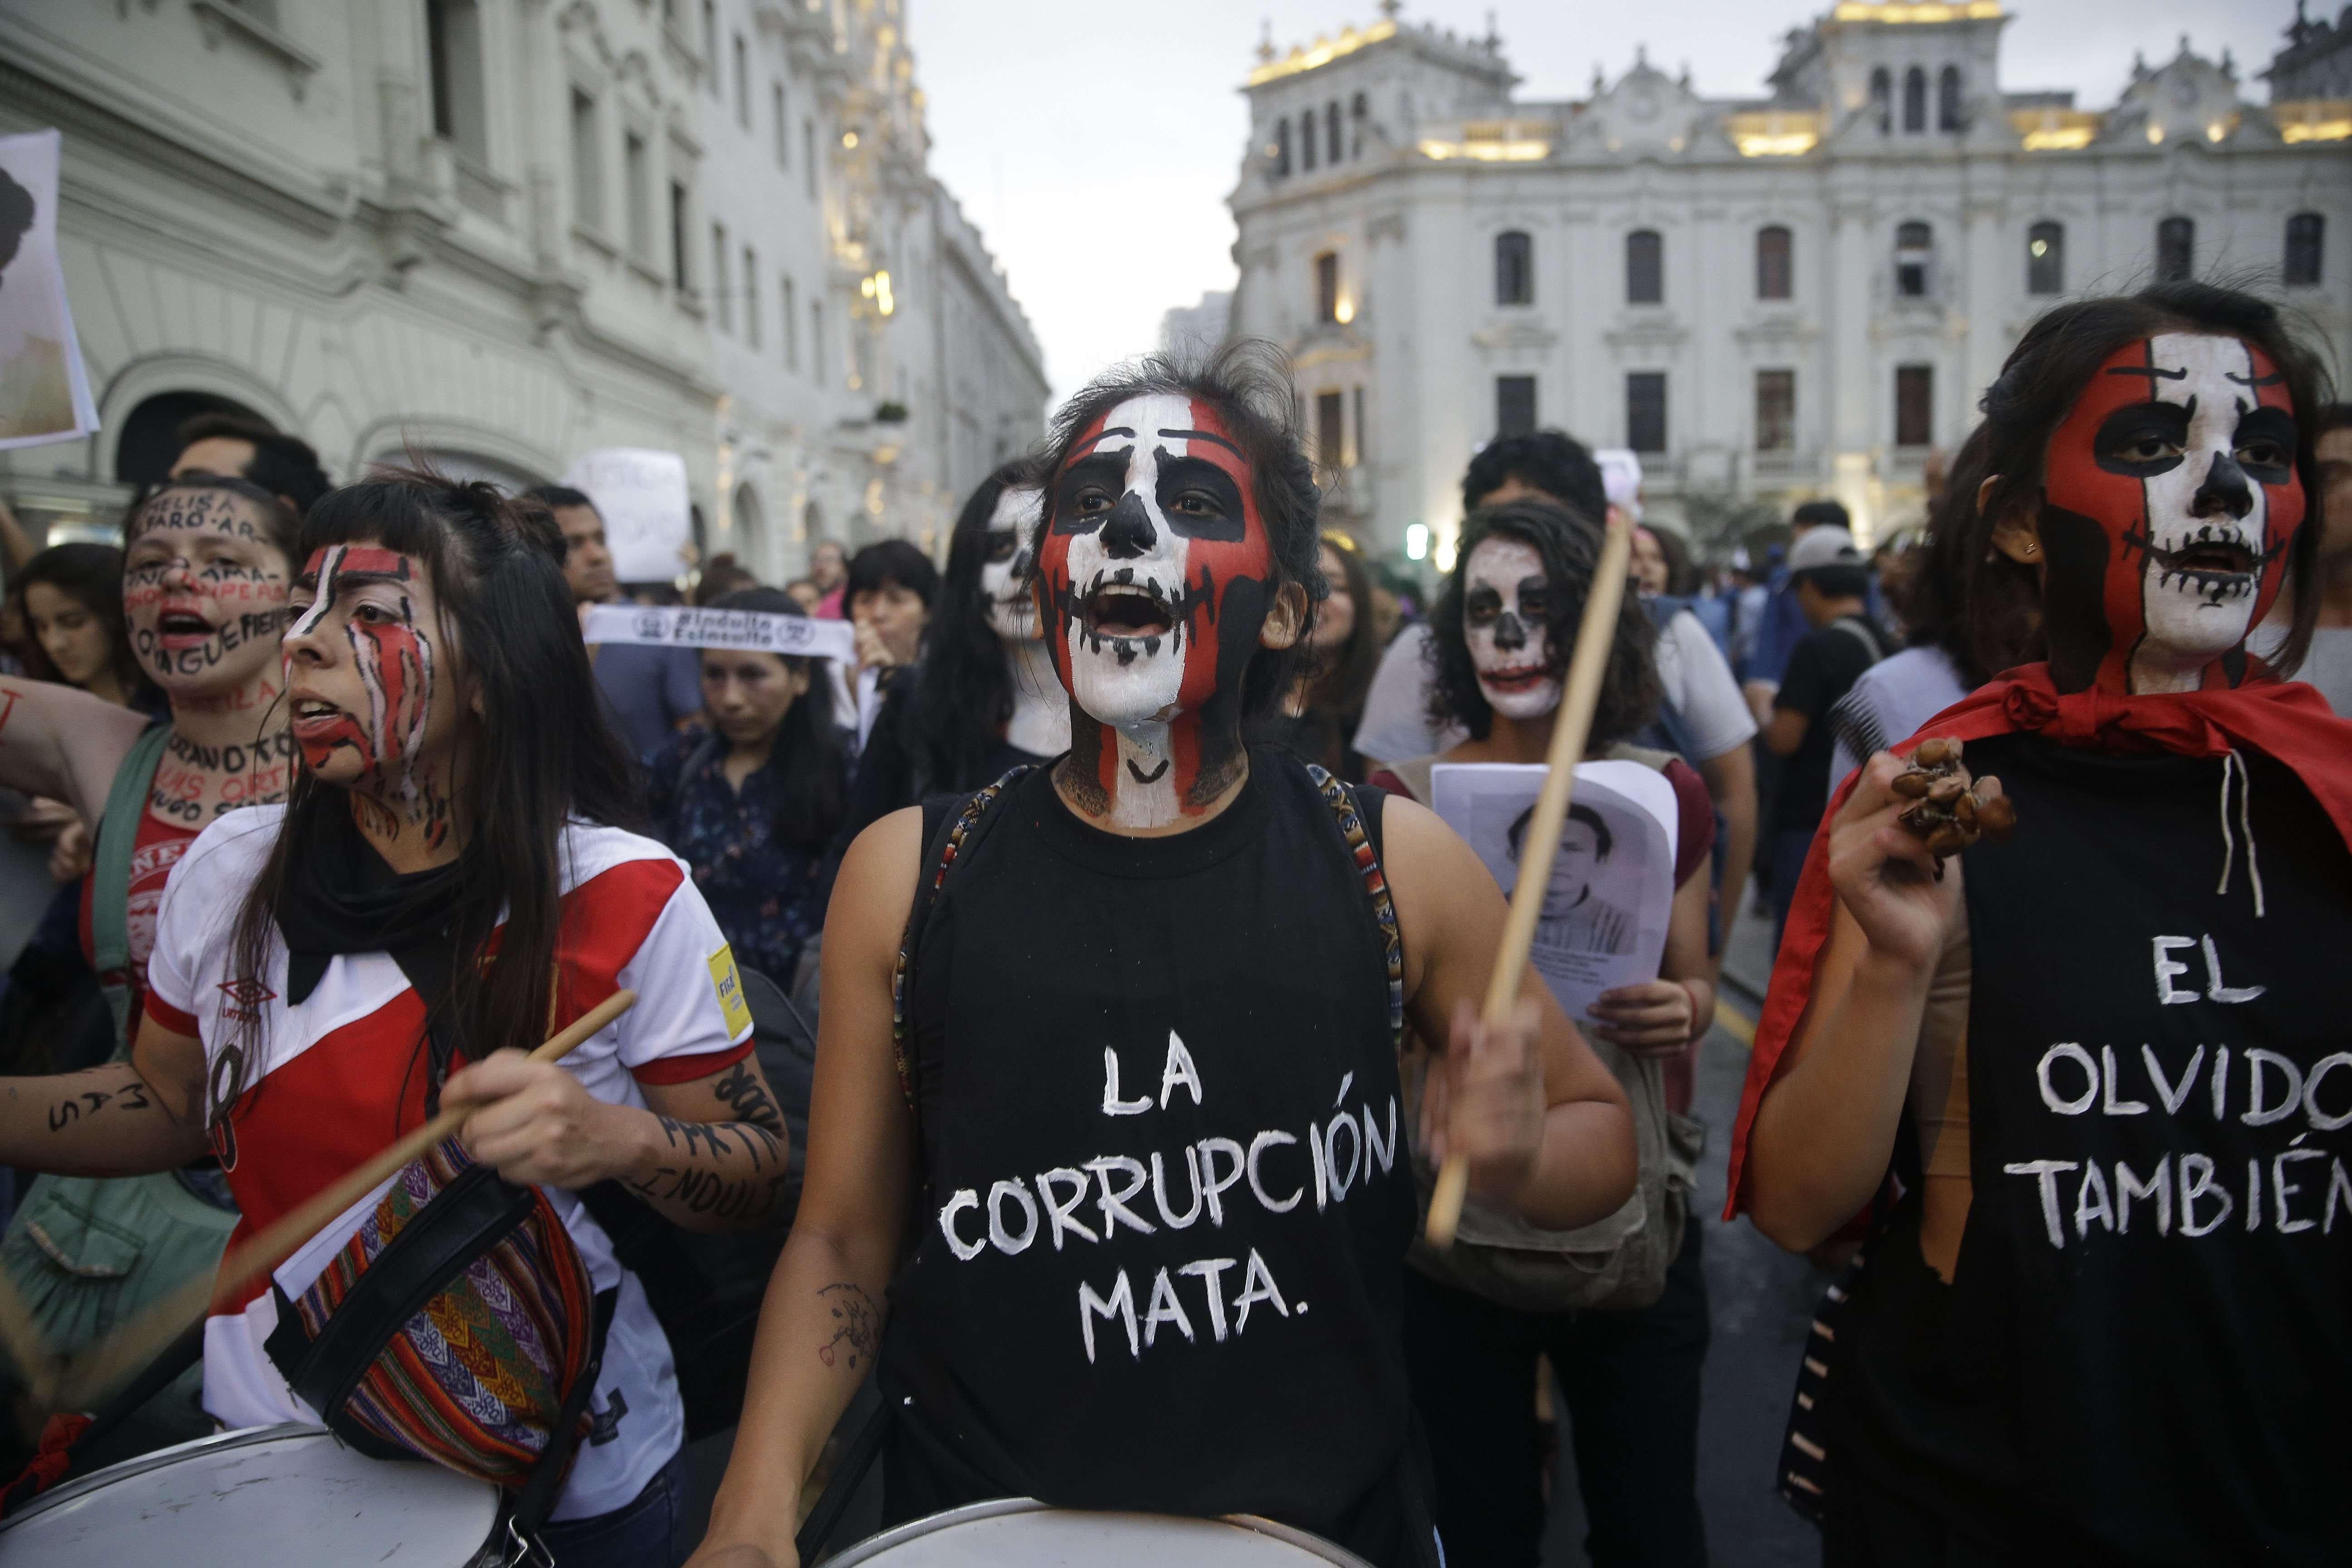 Depuis 2007, Alberto Fujimori purgeait une peine de vingt-cinq ans de prison pour corruption et crimes contre l'humanité.